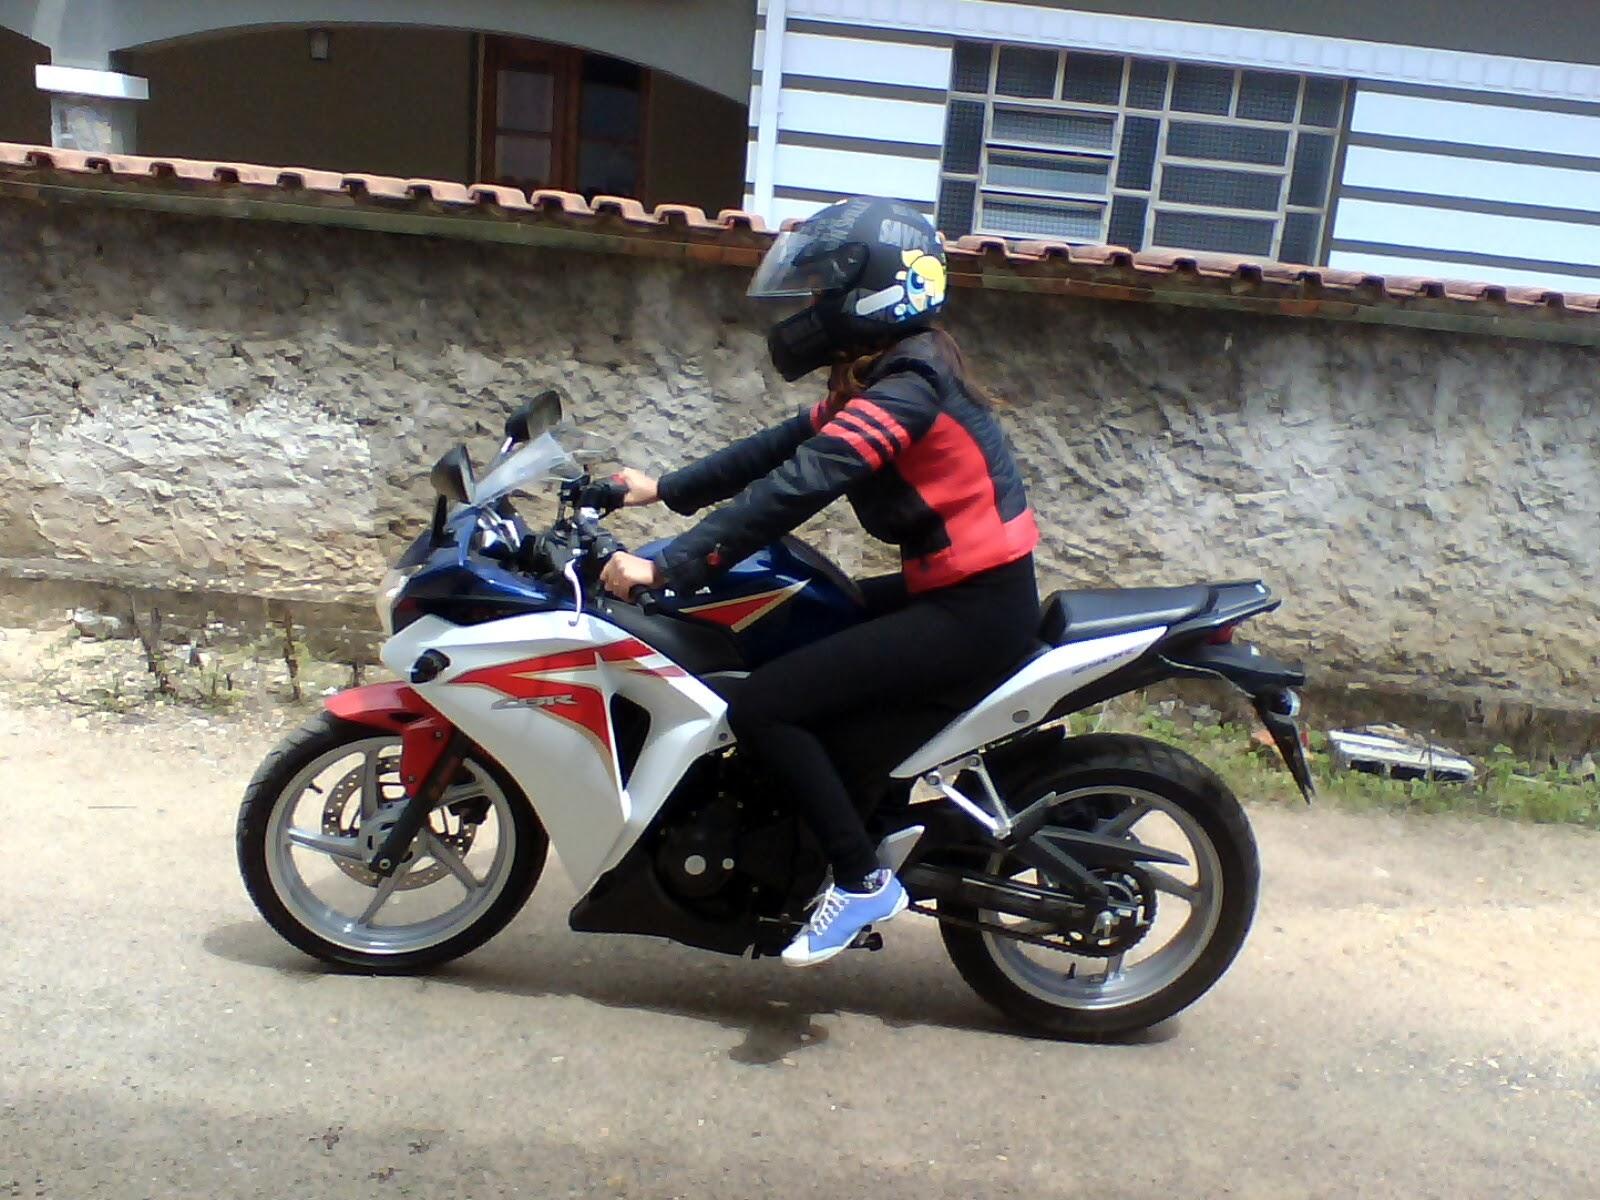 Mulher E Moto Escolhendo O Modelo Perfeito